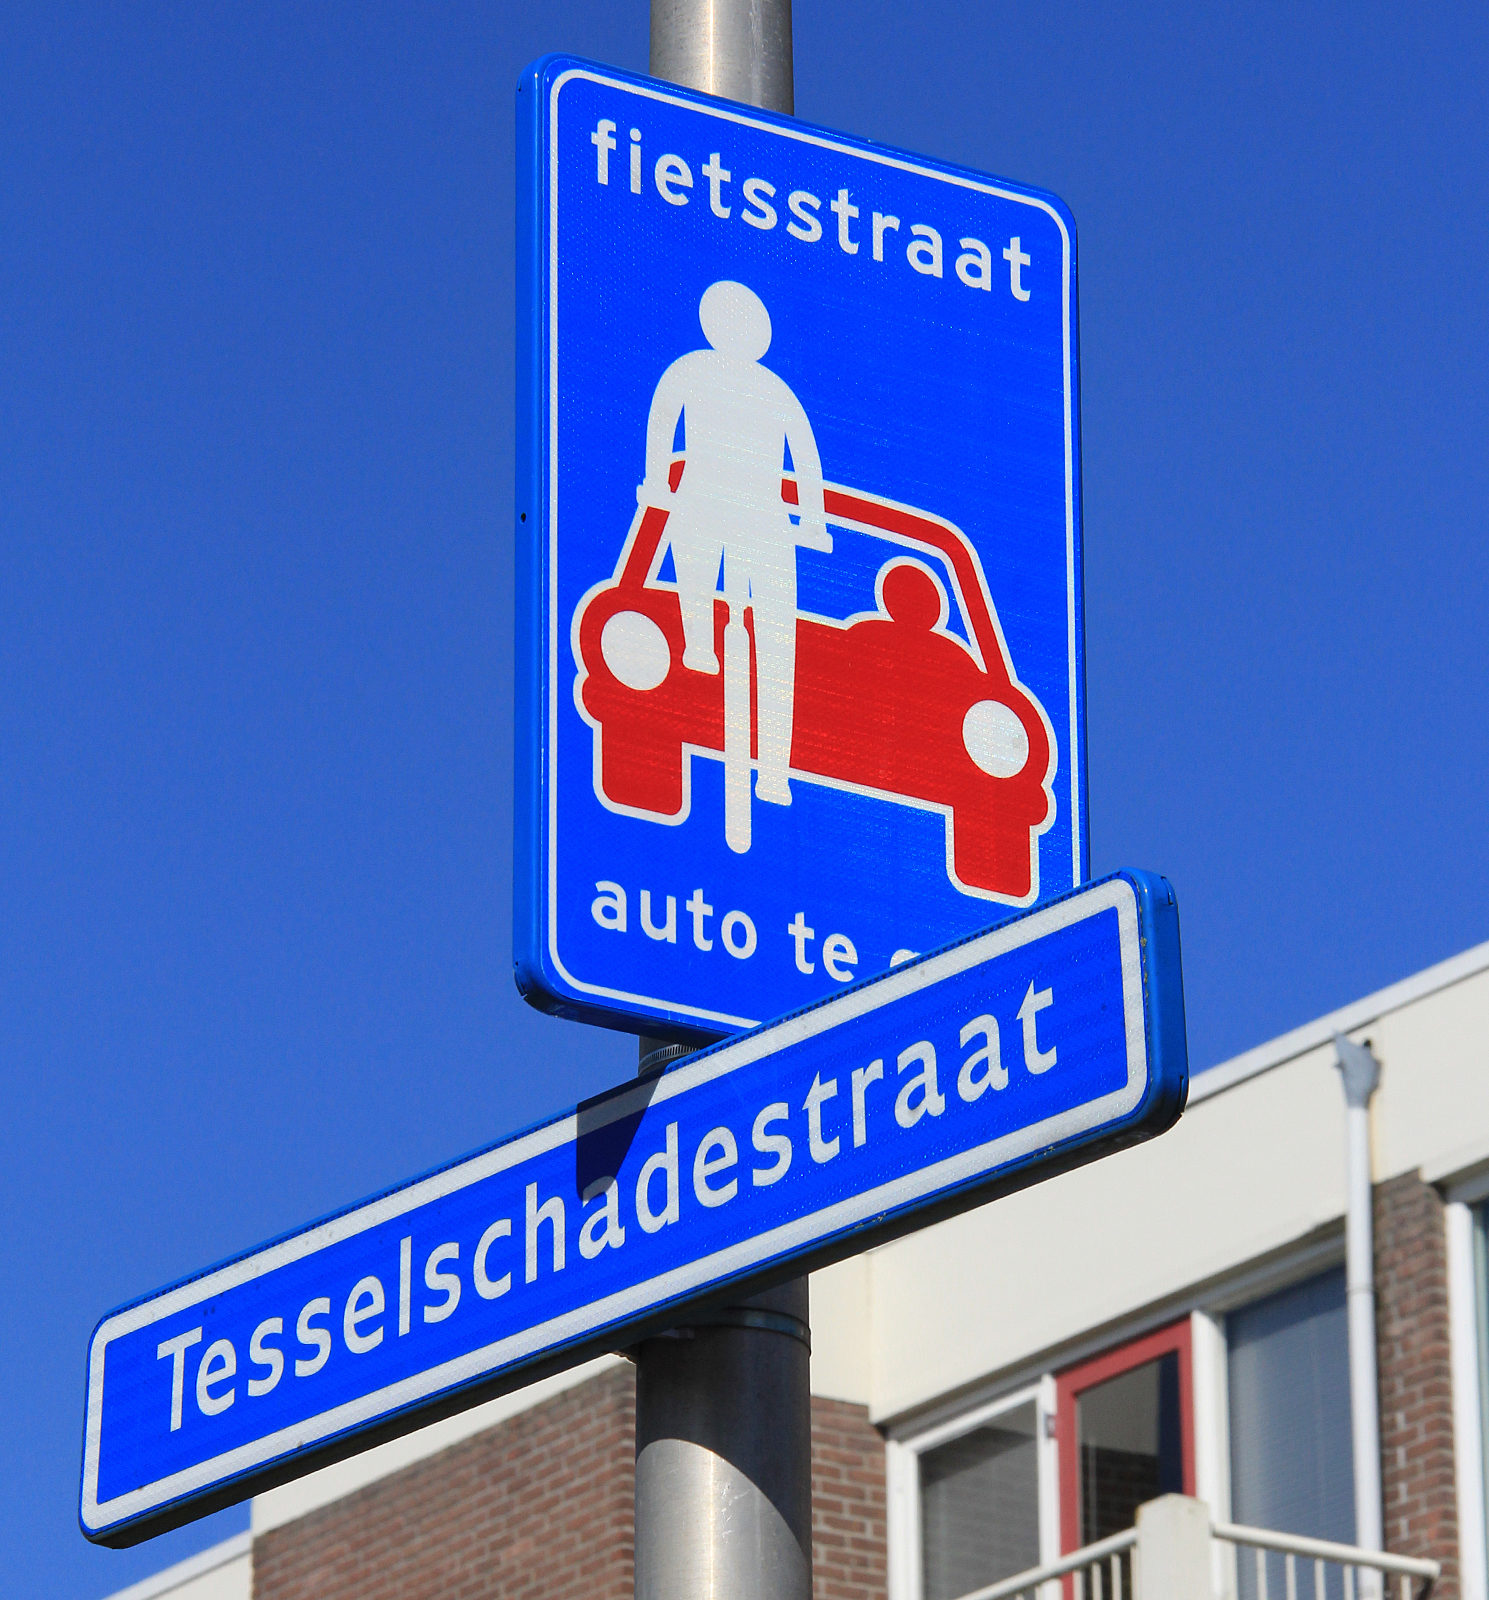 Foto: Tesselschadestraat negende fietsstraat in Zwolle